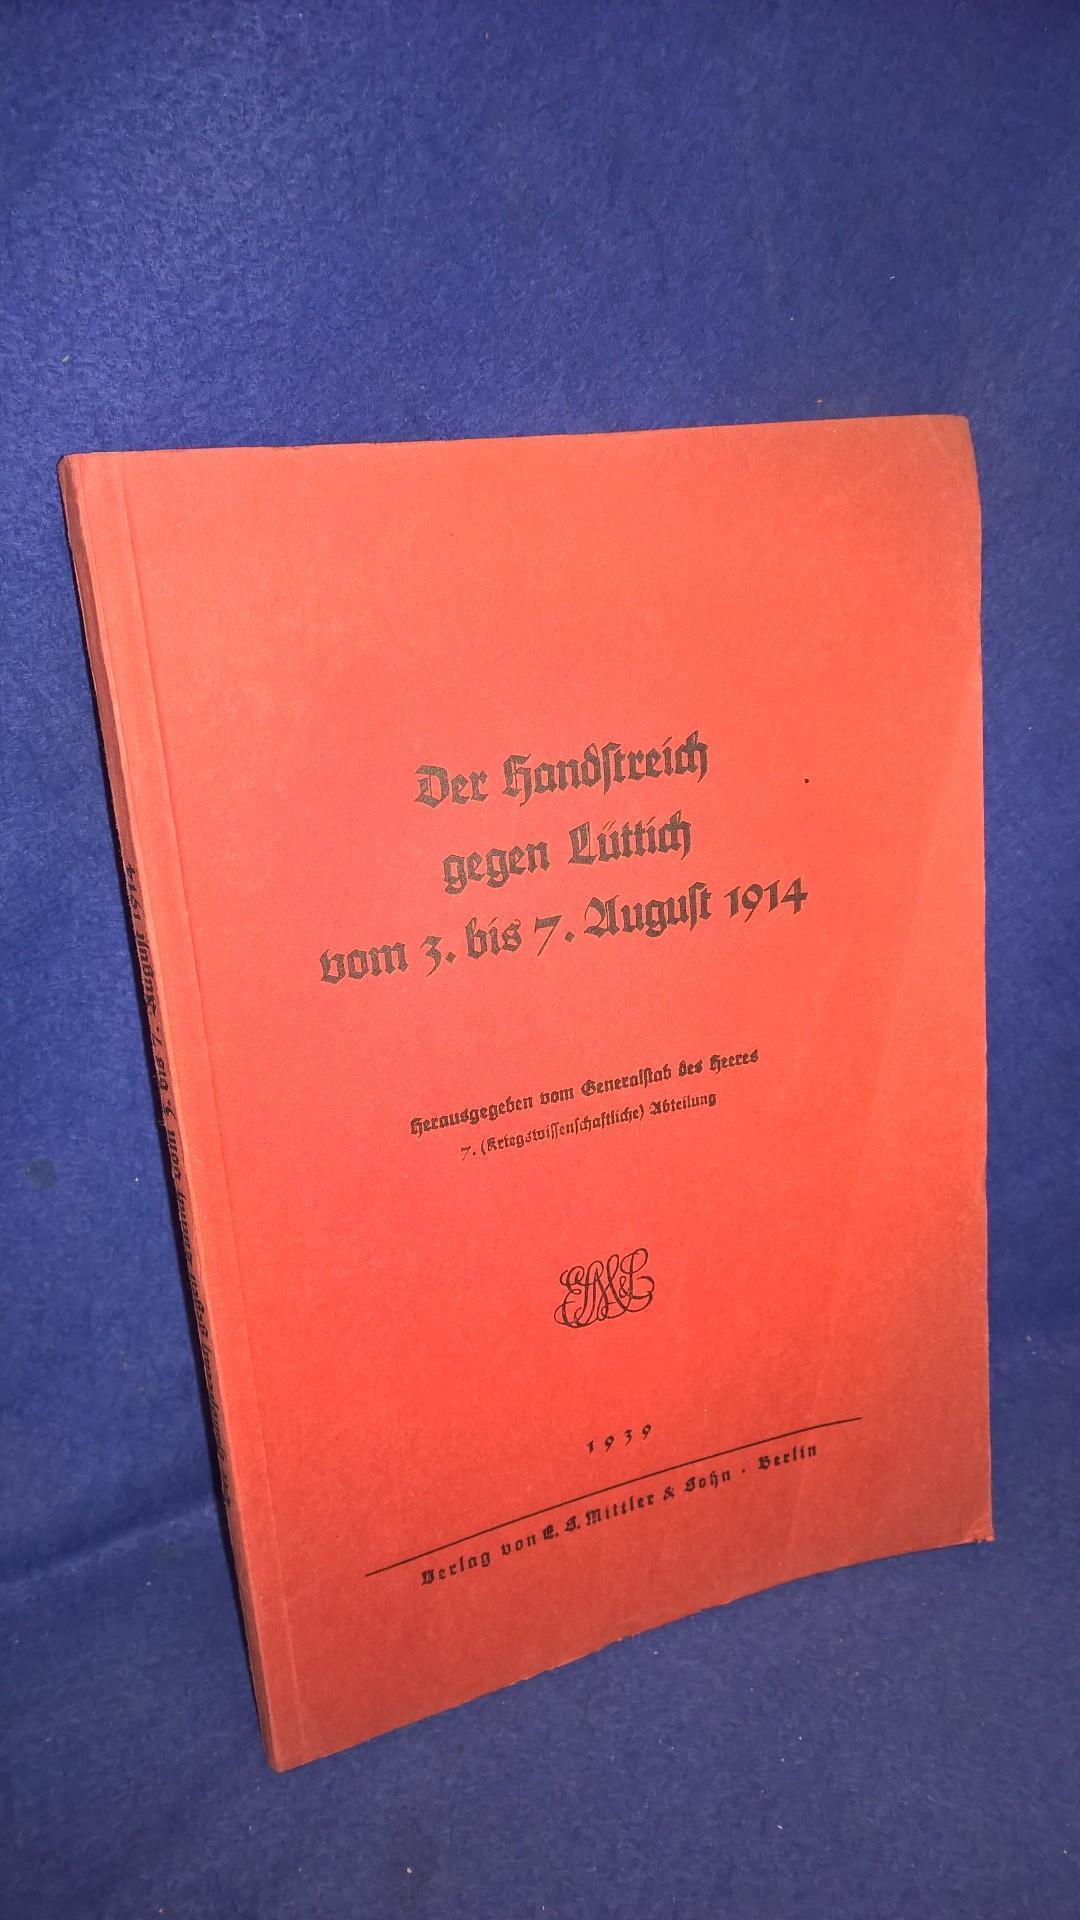 Der Handstreich gegen Lüttich vom 3. - 7. August 1914 - ausgearbeitet vom Generalstabe des Heeres -